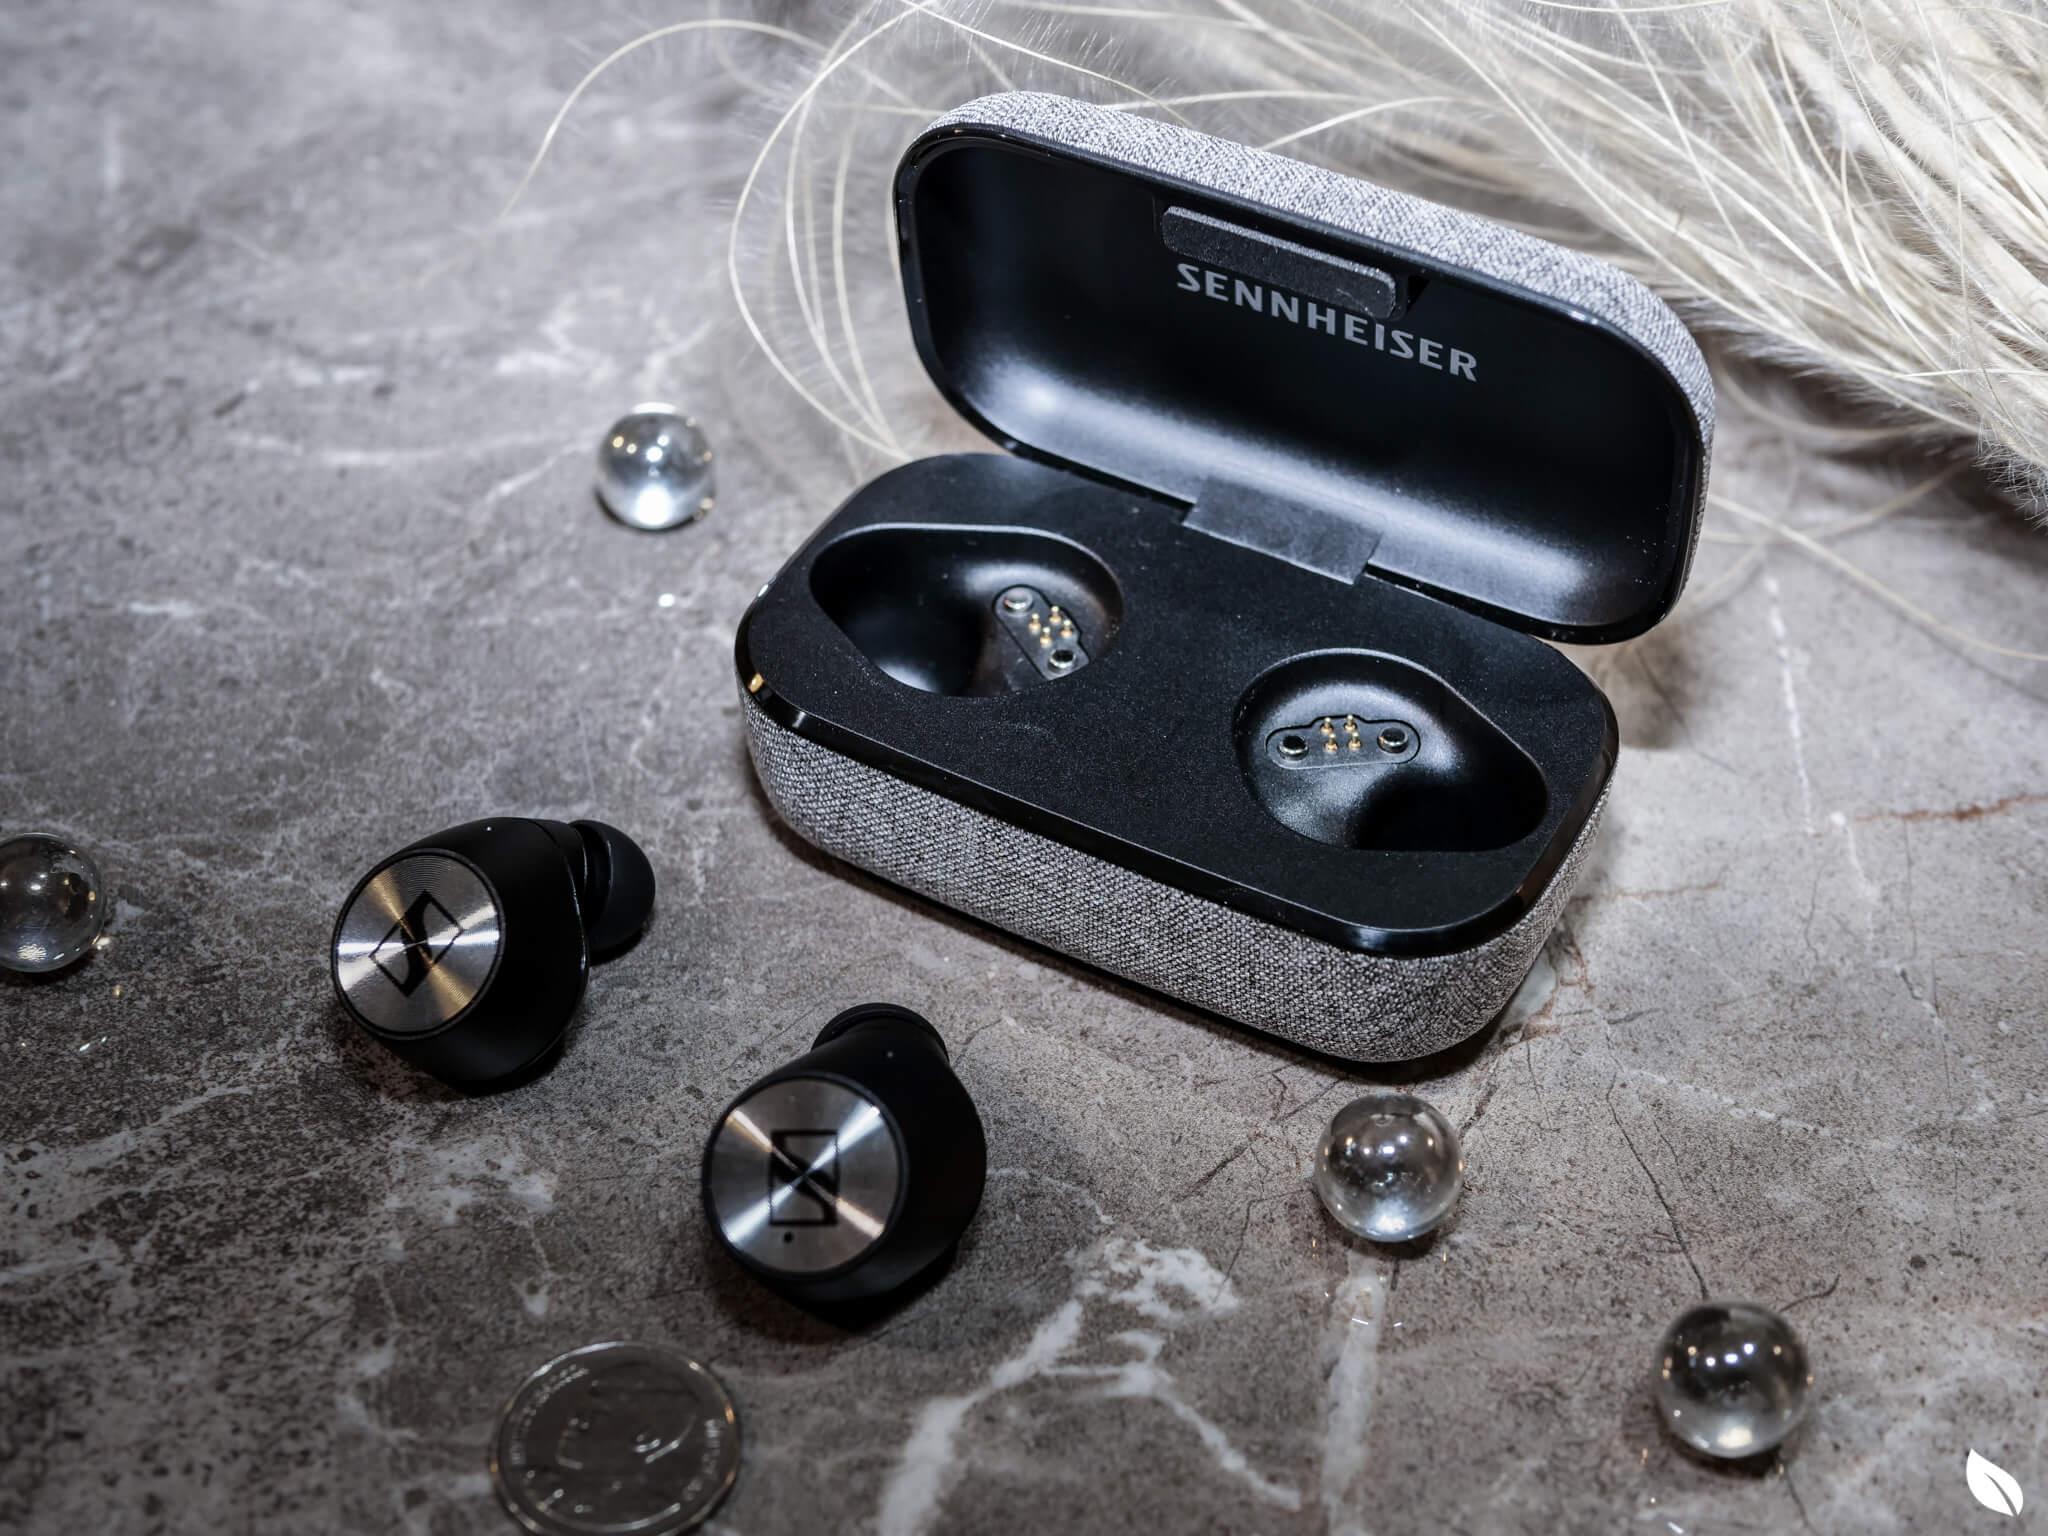 รีวิวหูฟังบลูทูธไร้สายแบบ Sennheiser Momentum True Wireless ดูดีมีคลาสสุดใน 2019 32 - bluetooth